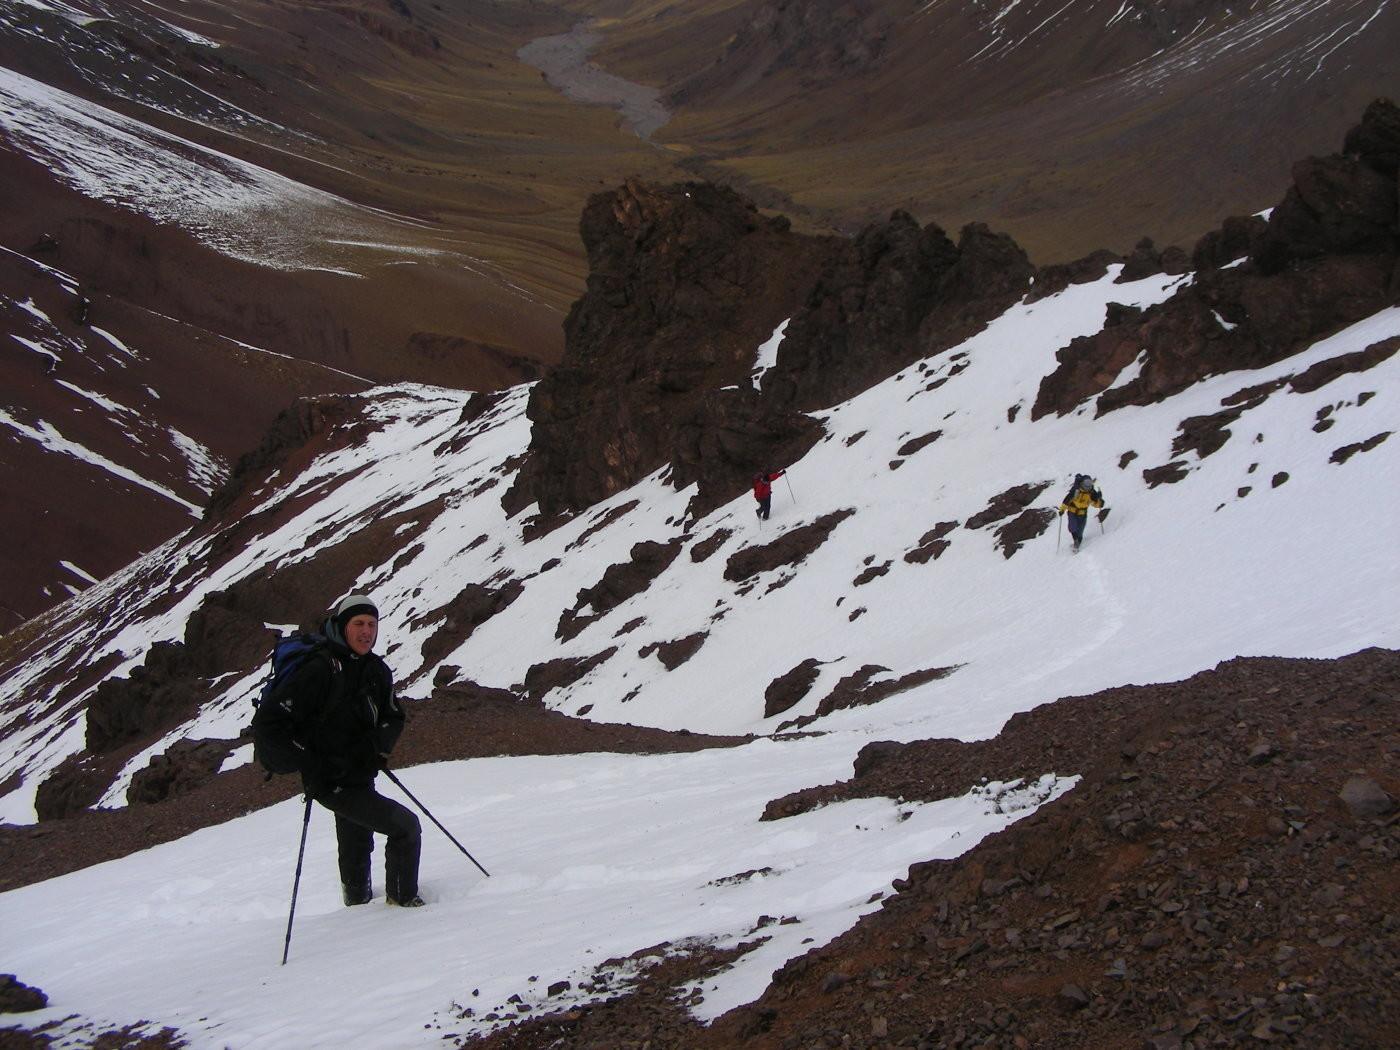 Rodeando las rocas por la ladera E: ¡Mucha nieve honda!